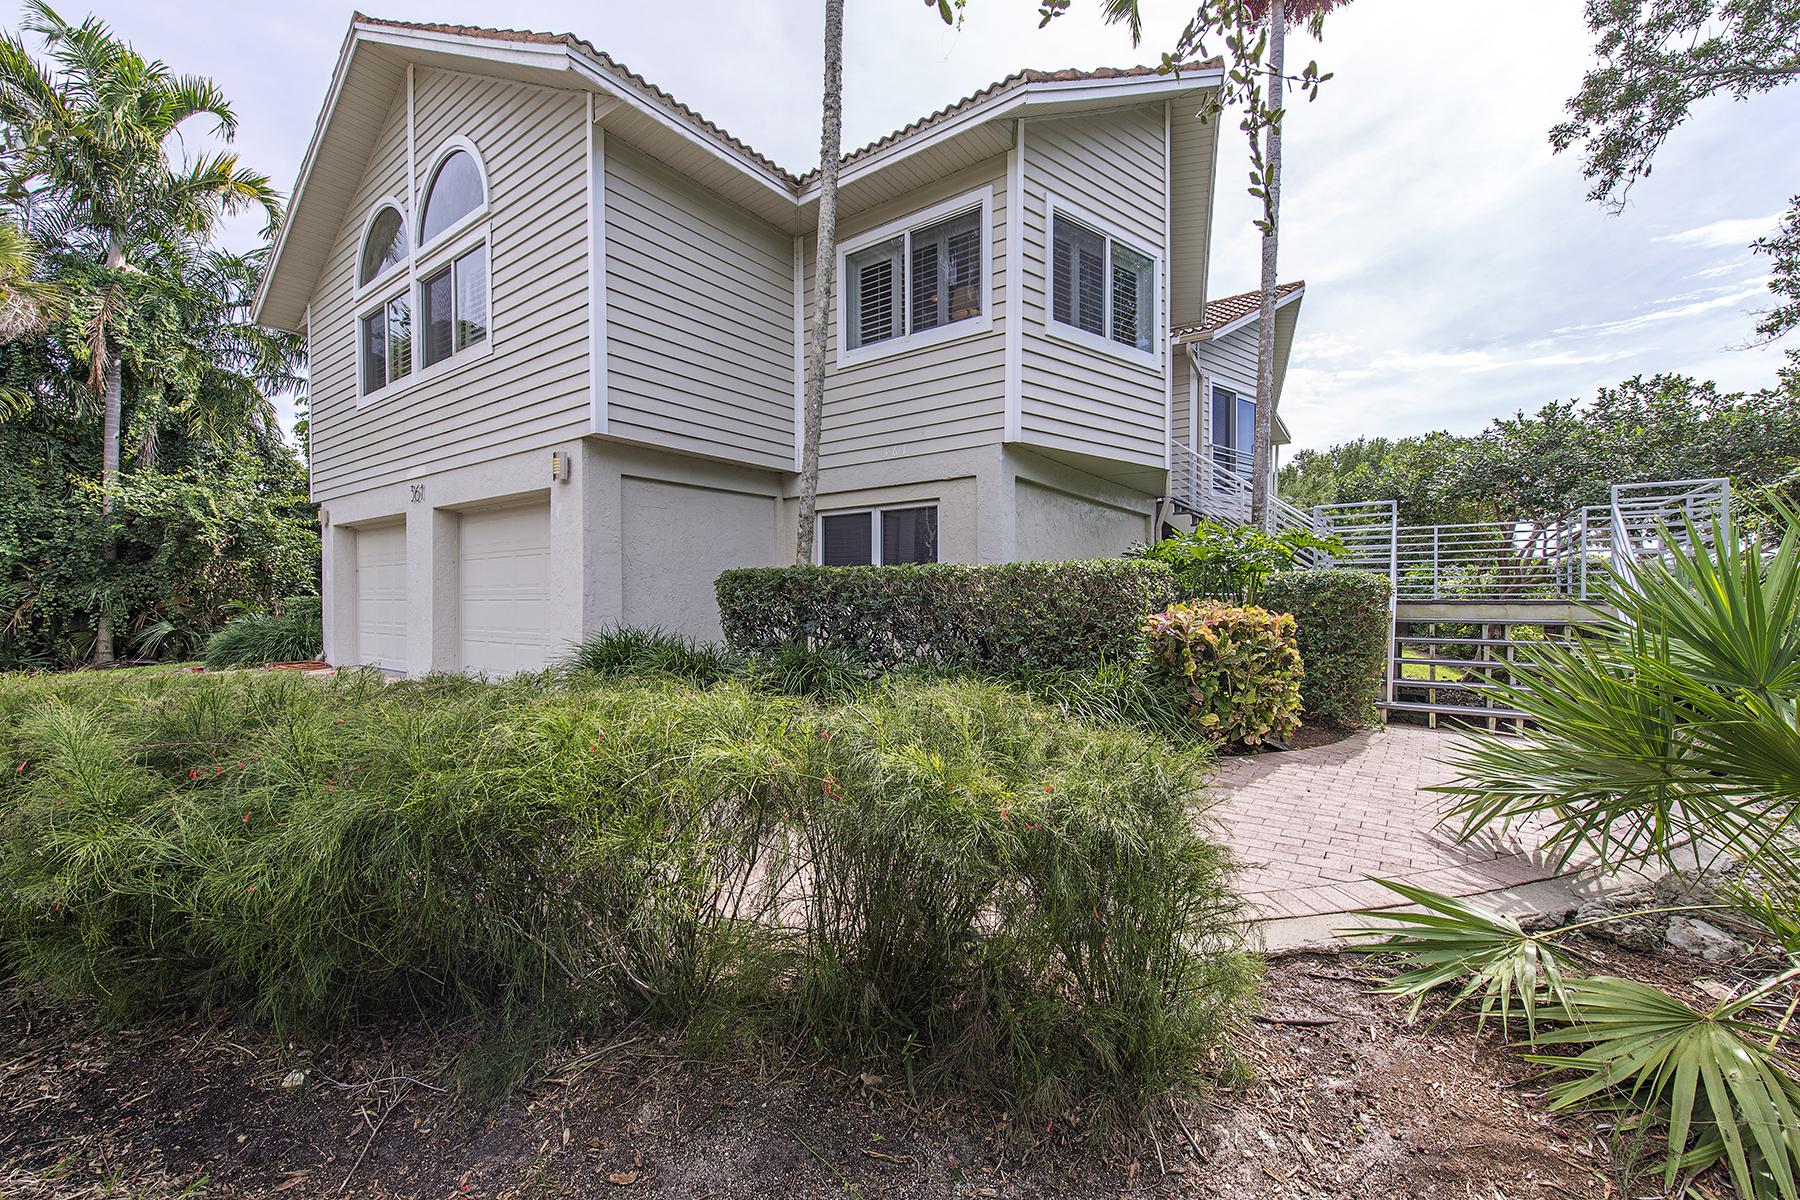 Casa para uma família para Venda às MARCO ISLAND - WILD COFFEE LANE 361 Wild Coffee Ln Marco Island, Florida, 34145 Estados Unidos